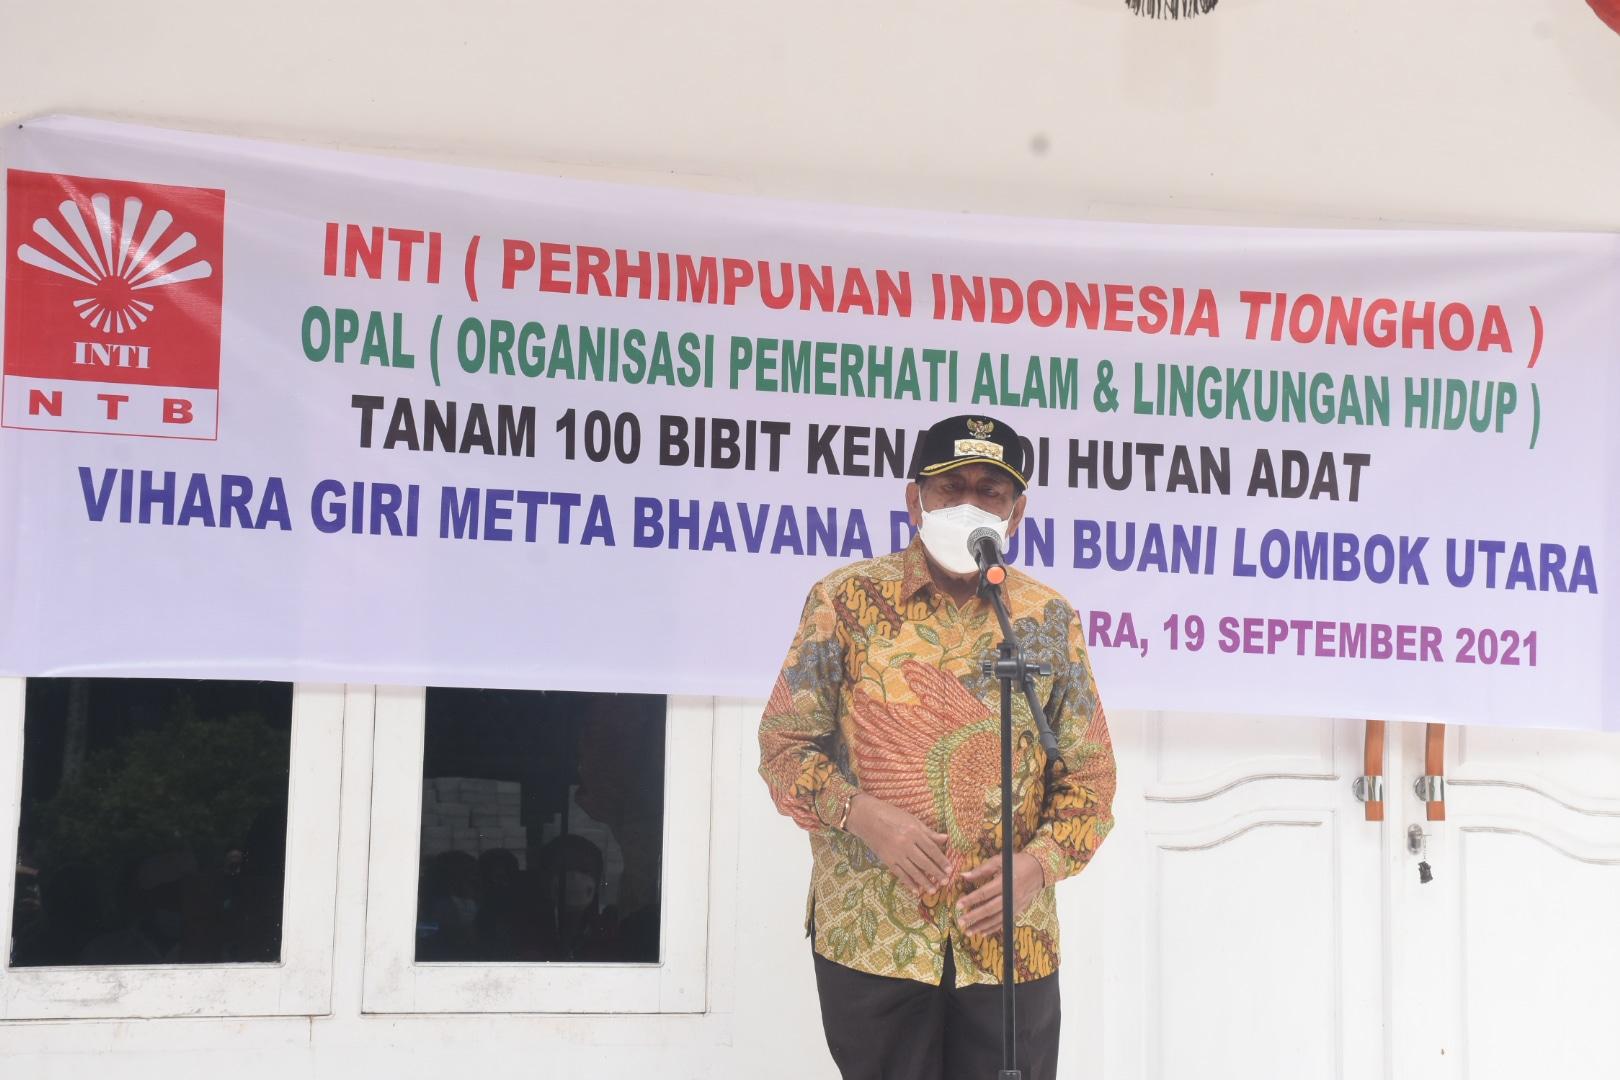 *Bupati Lombok Utara Tanam Bibit Pohon Kenari di Pawang Adat Buani*